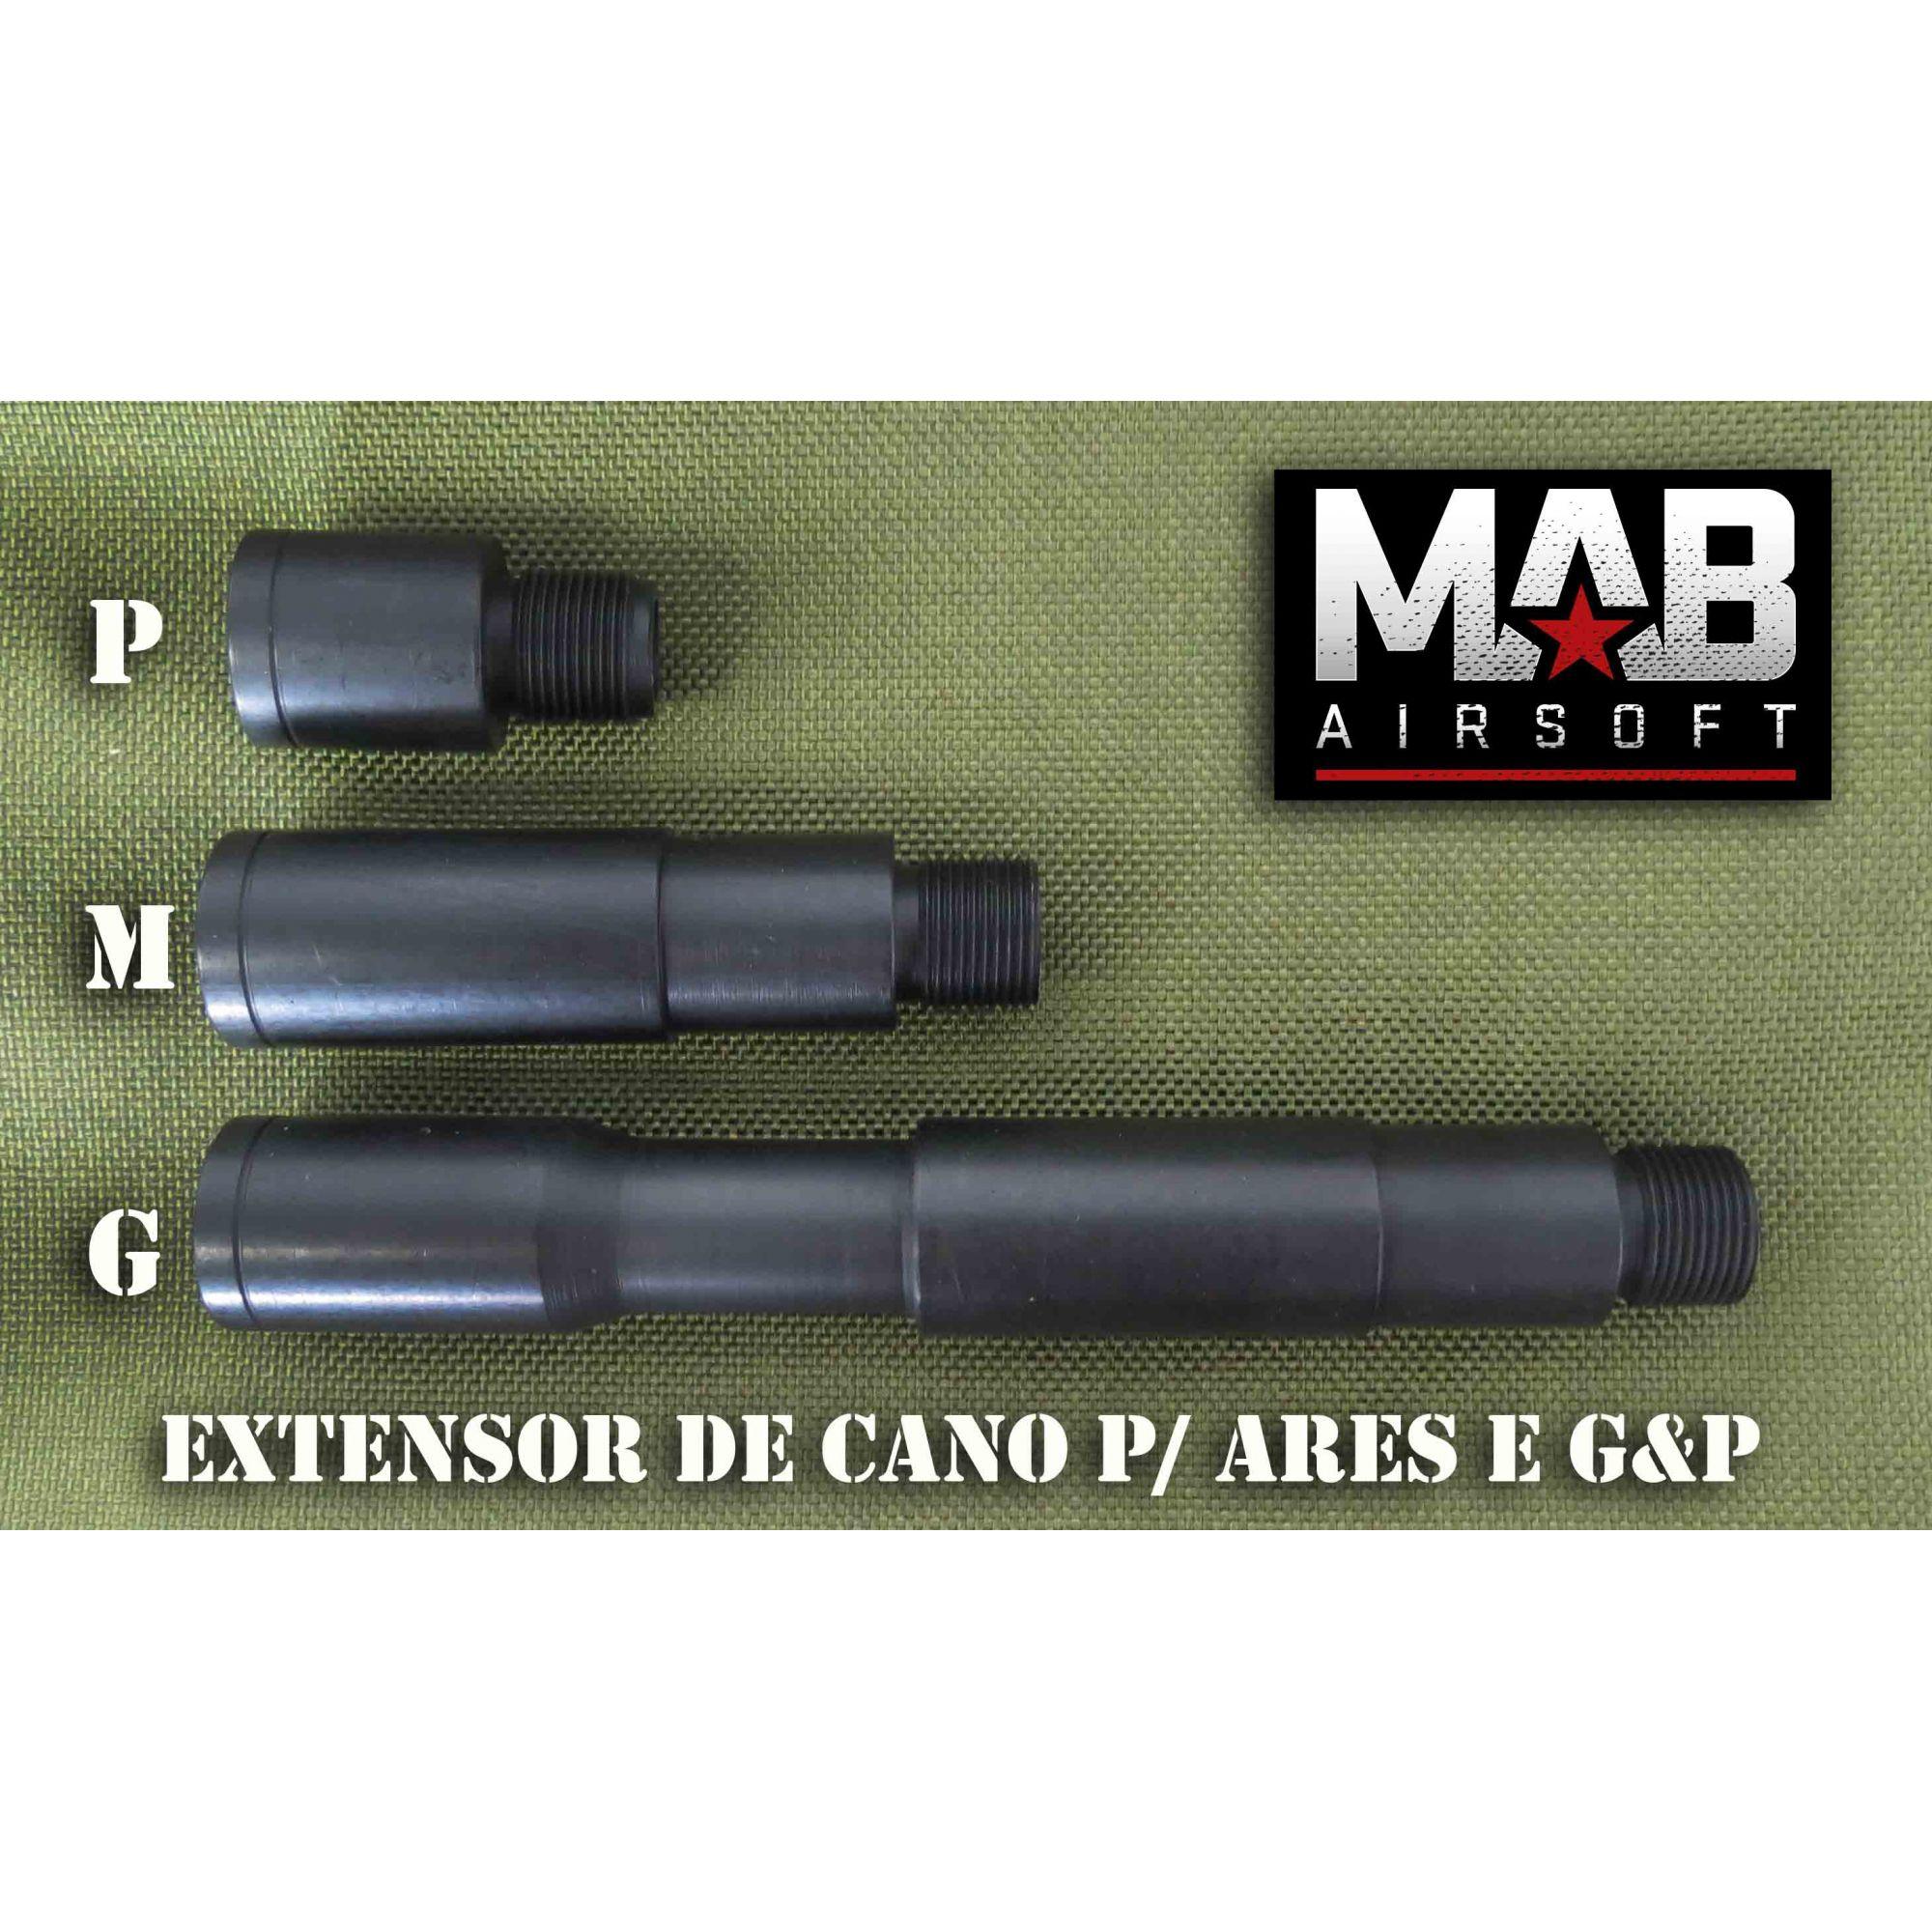 Extensor de Cano p/ Ares e G&P - Tamanho (G) - rosca Esq/ Dir  - MAB AIRSOFT